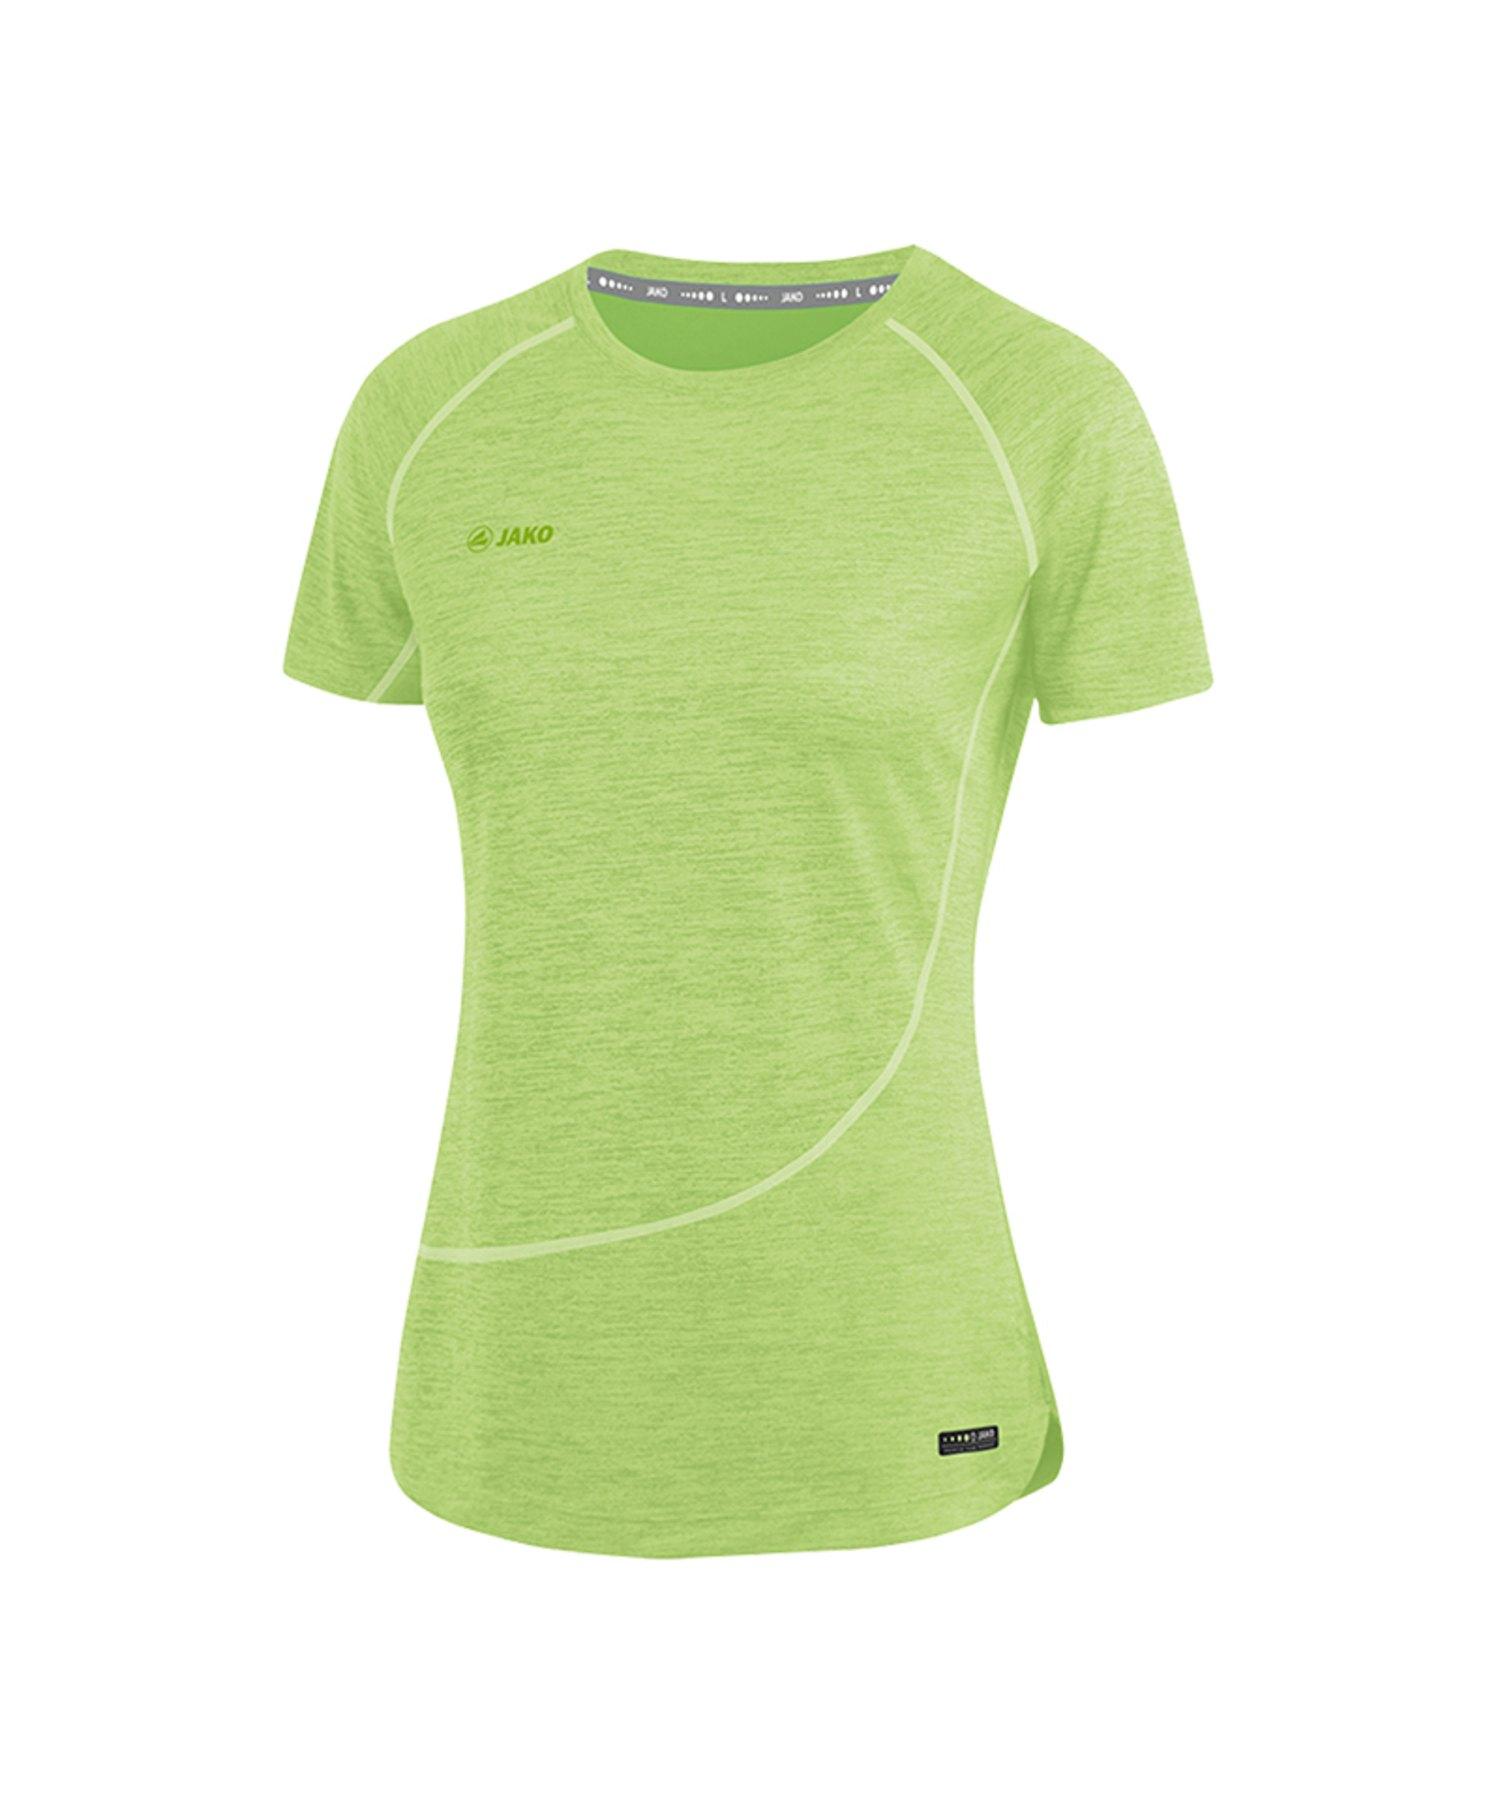 Jako T Shirt Active Basics Damen Grün F25